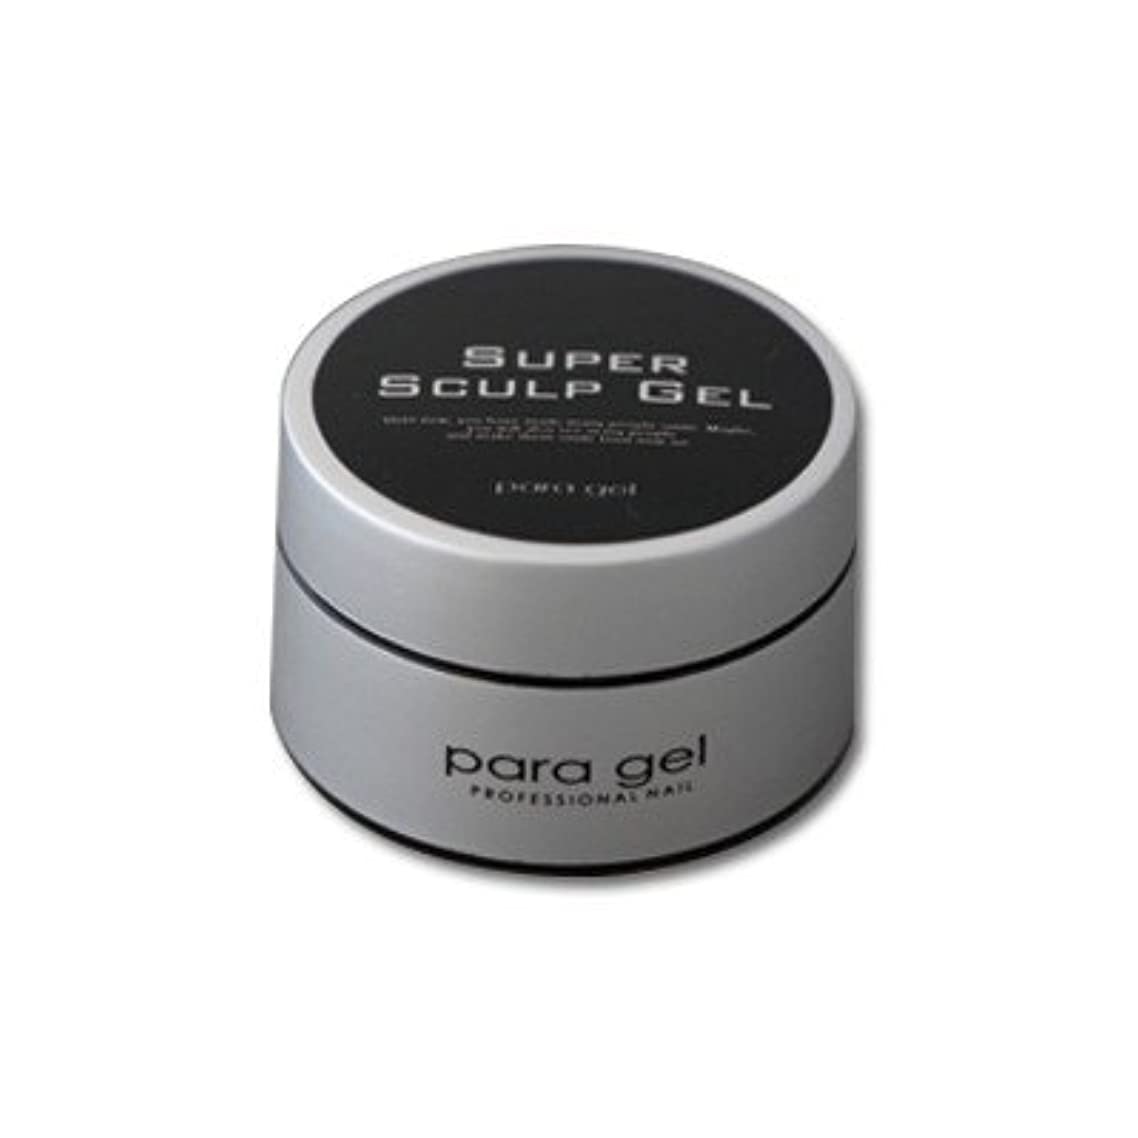 疲れた形式現金para gel(パラジェル) スーパースカルプジェル 10g